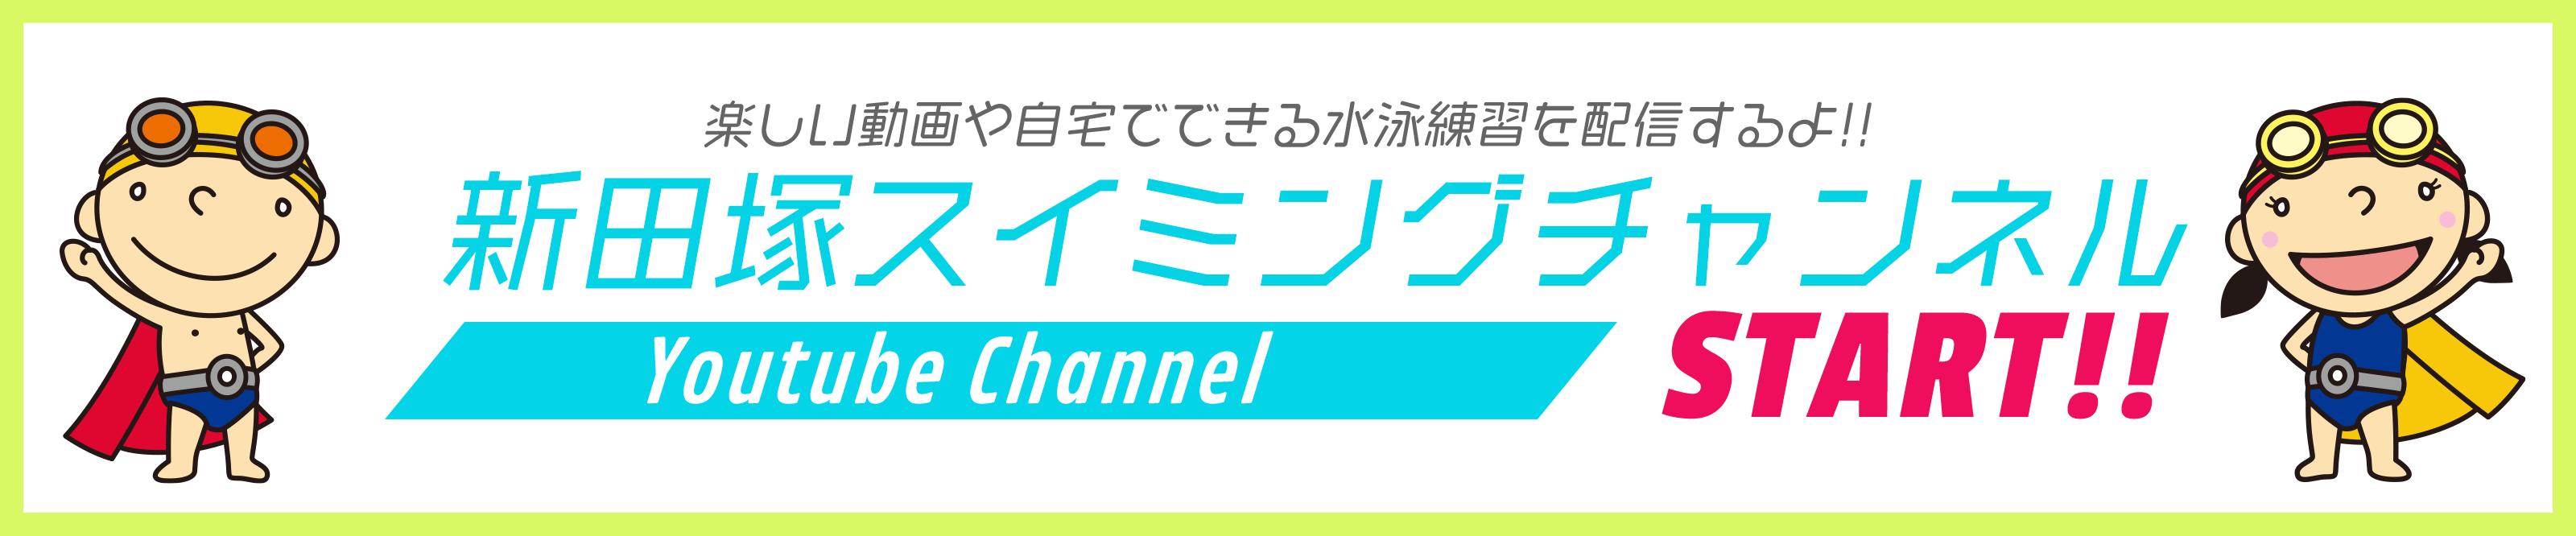 爆 コロナ サイ 新型 福井